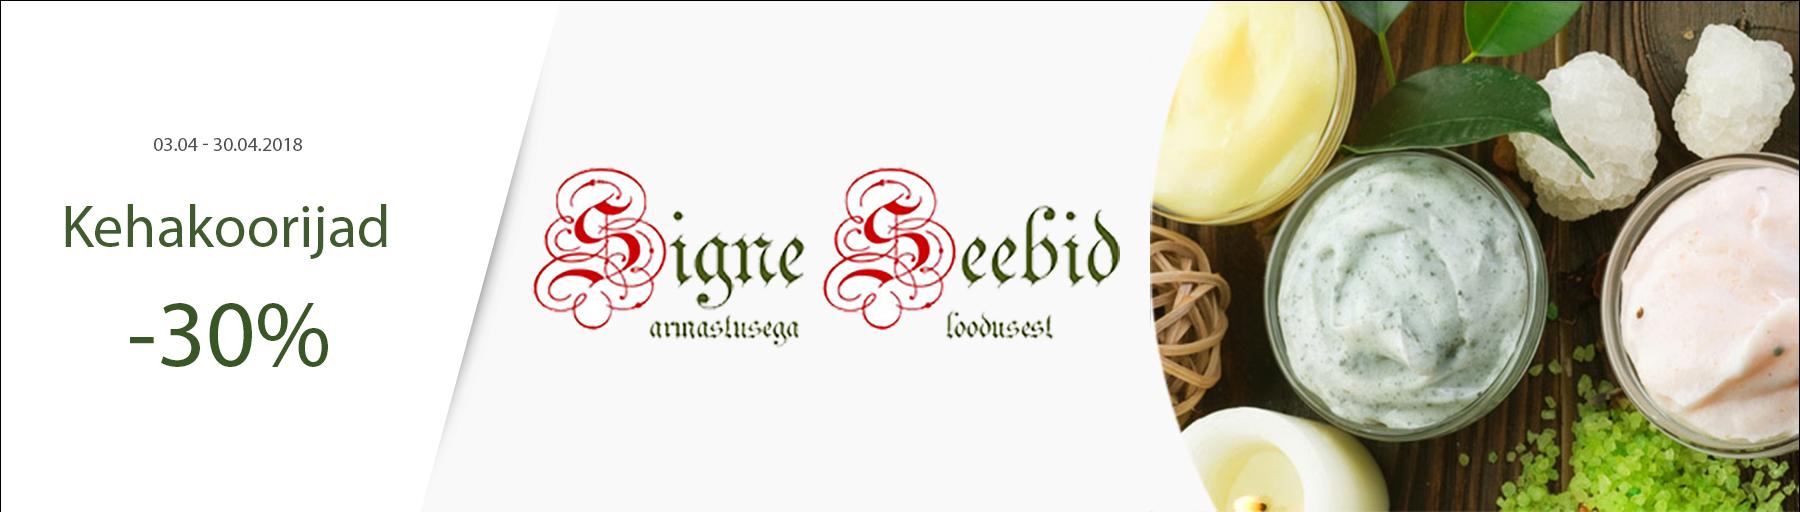 Signe Seebid Body Scrub -30%